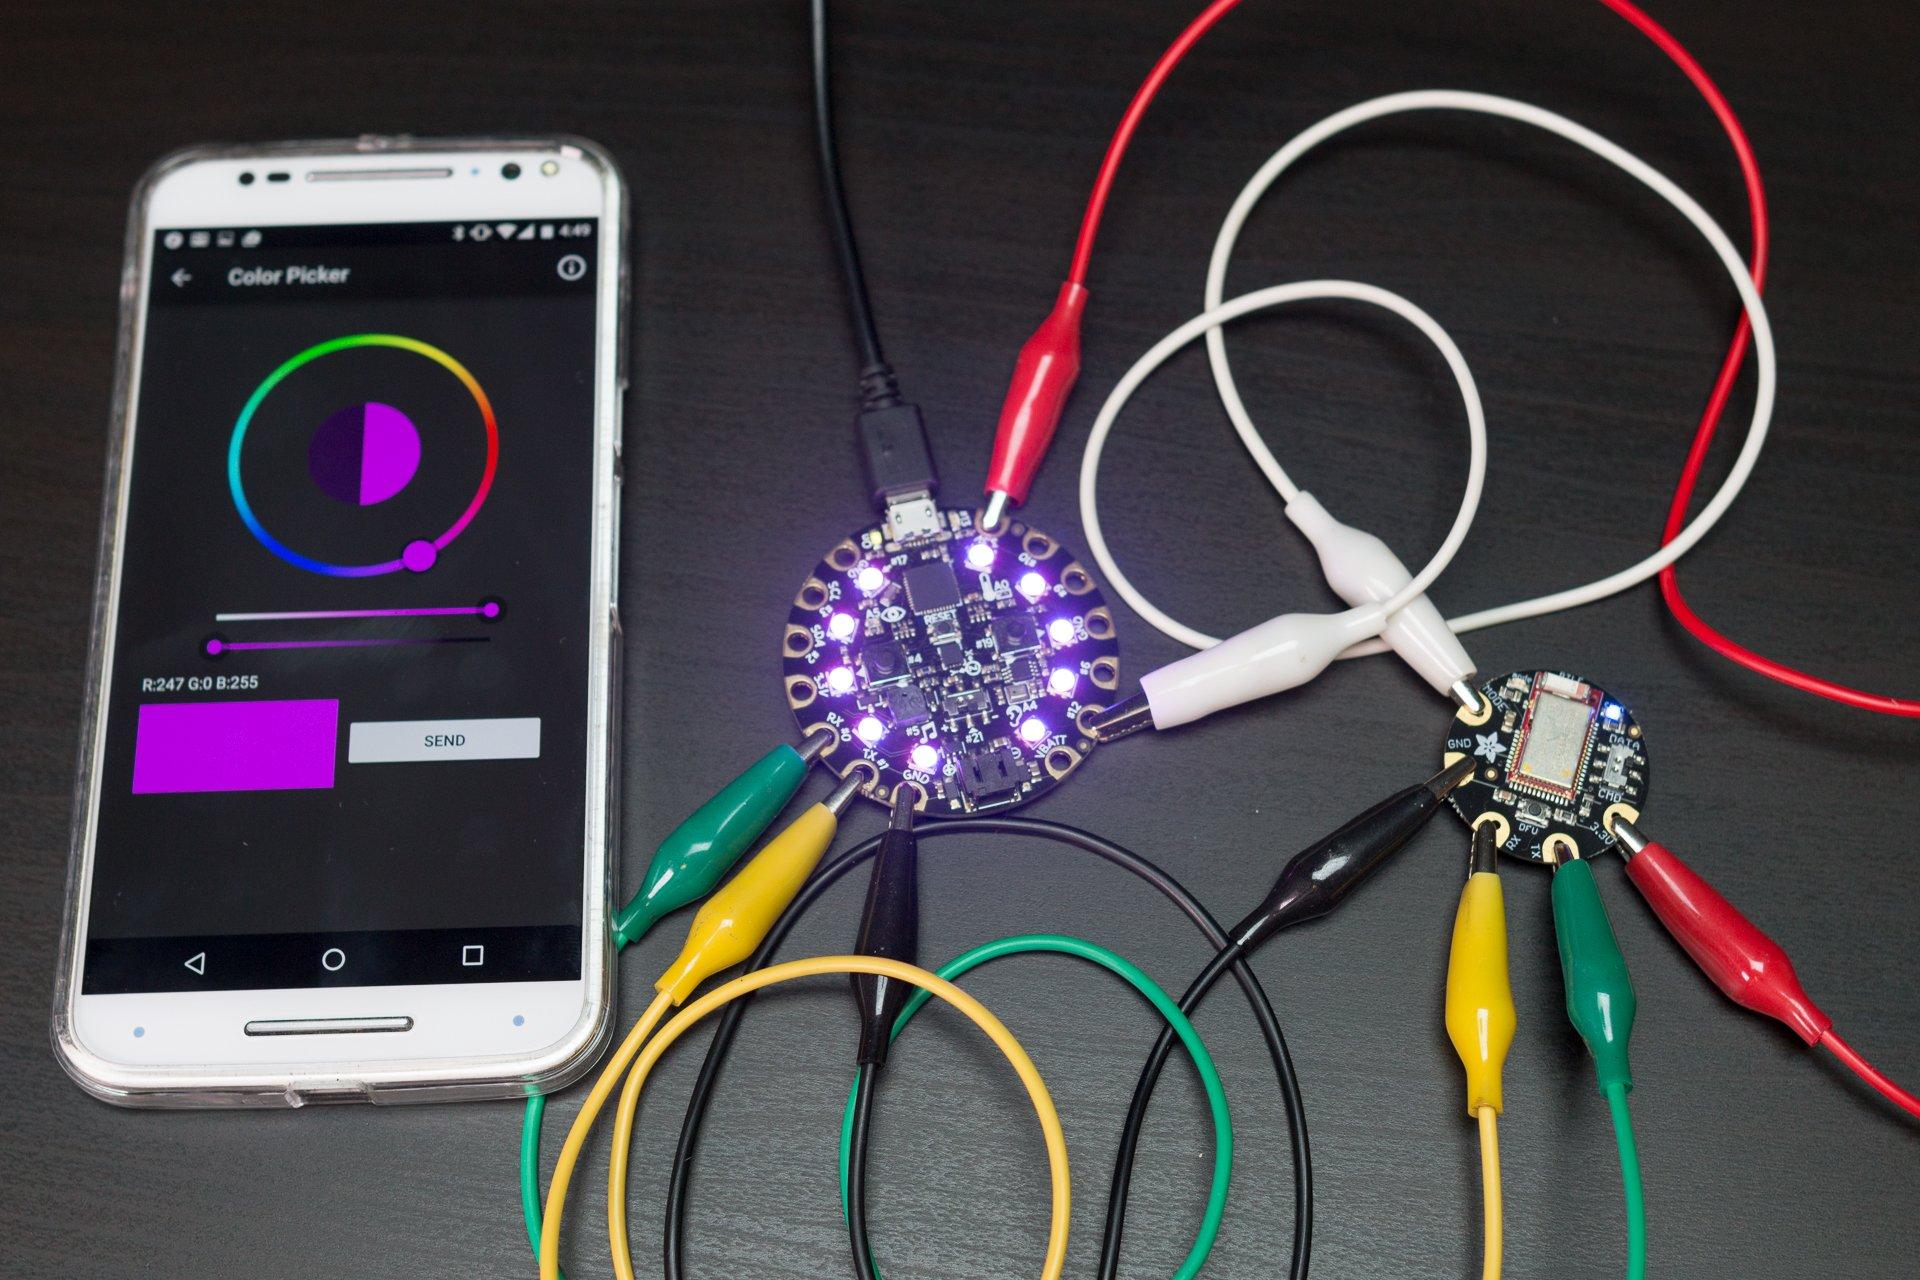 circuit_playground_IMG_5098.jpg